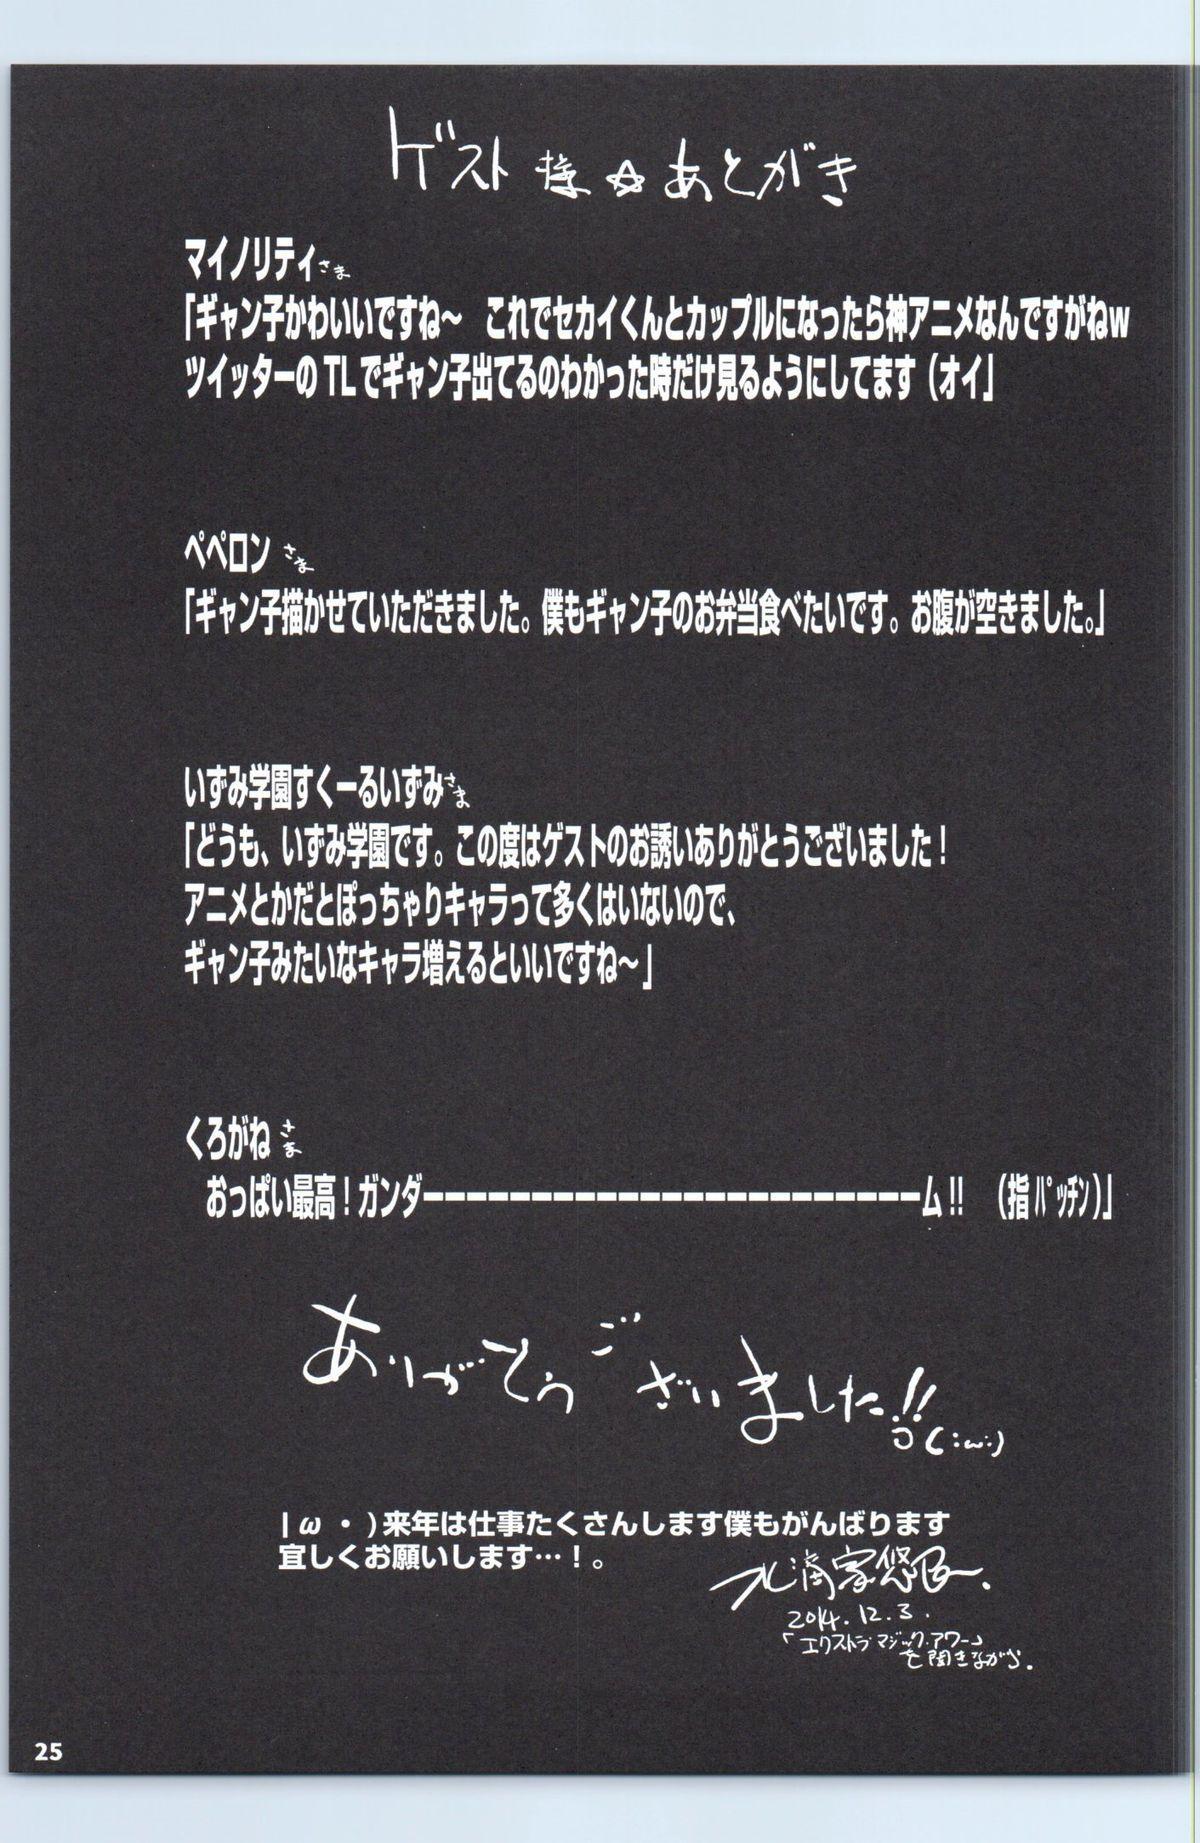 Saiin Gyanko Nakadashi Sakunyuu Try 23